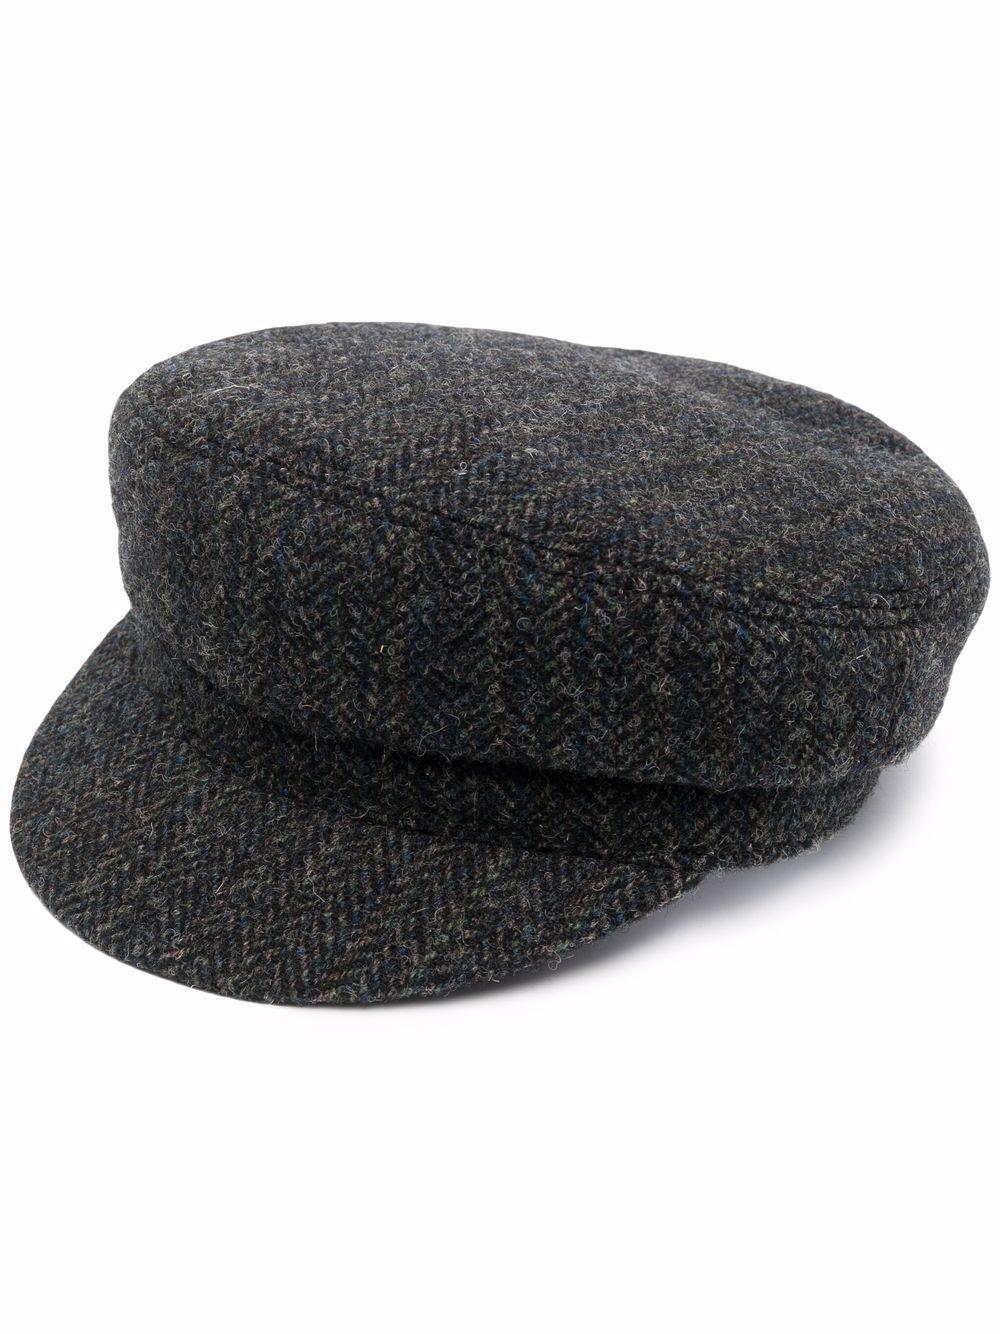 Cappello evie in cotone